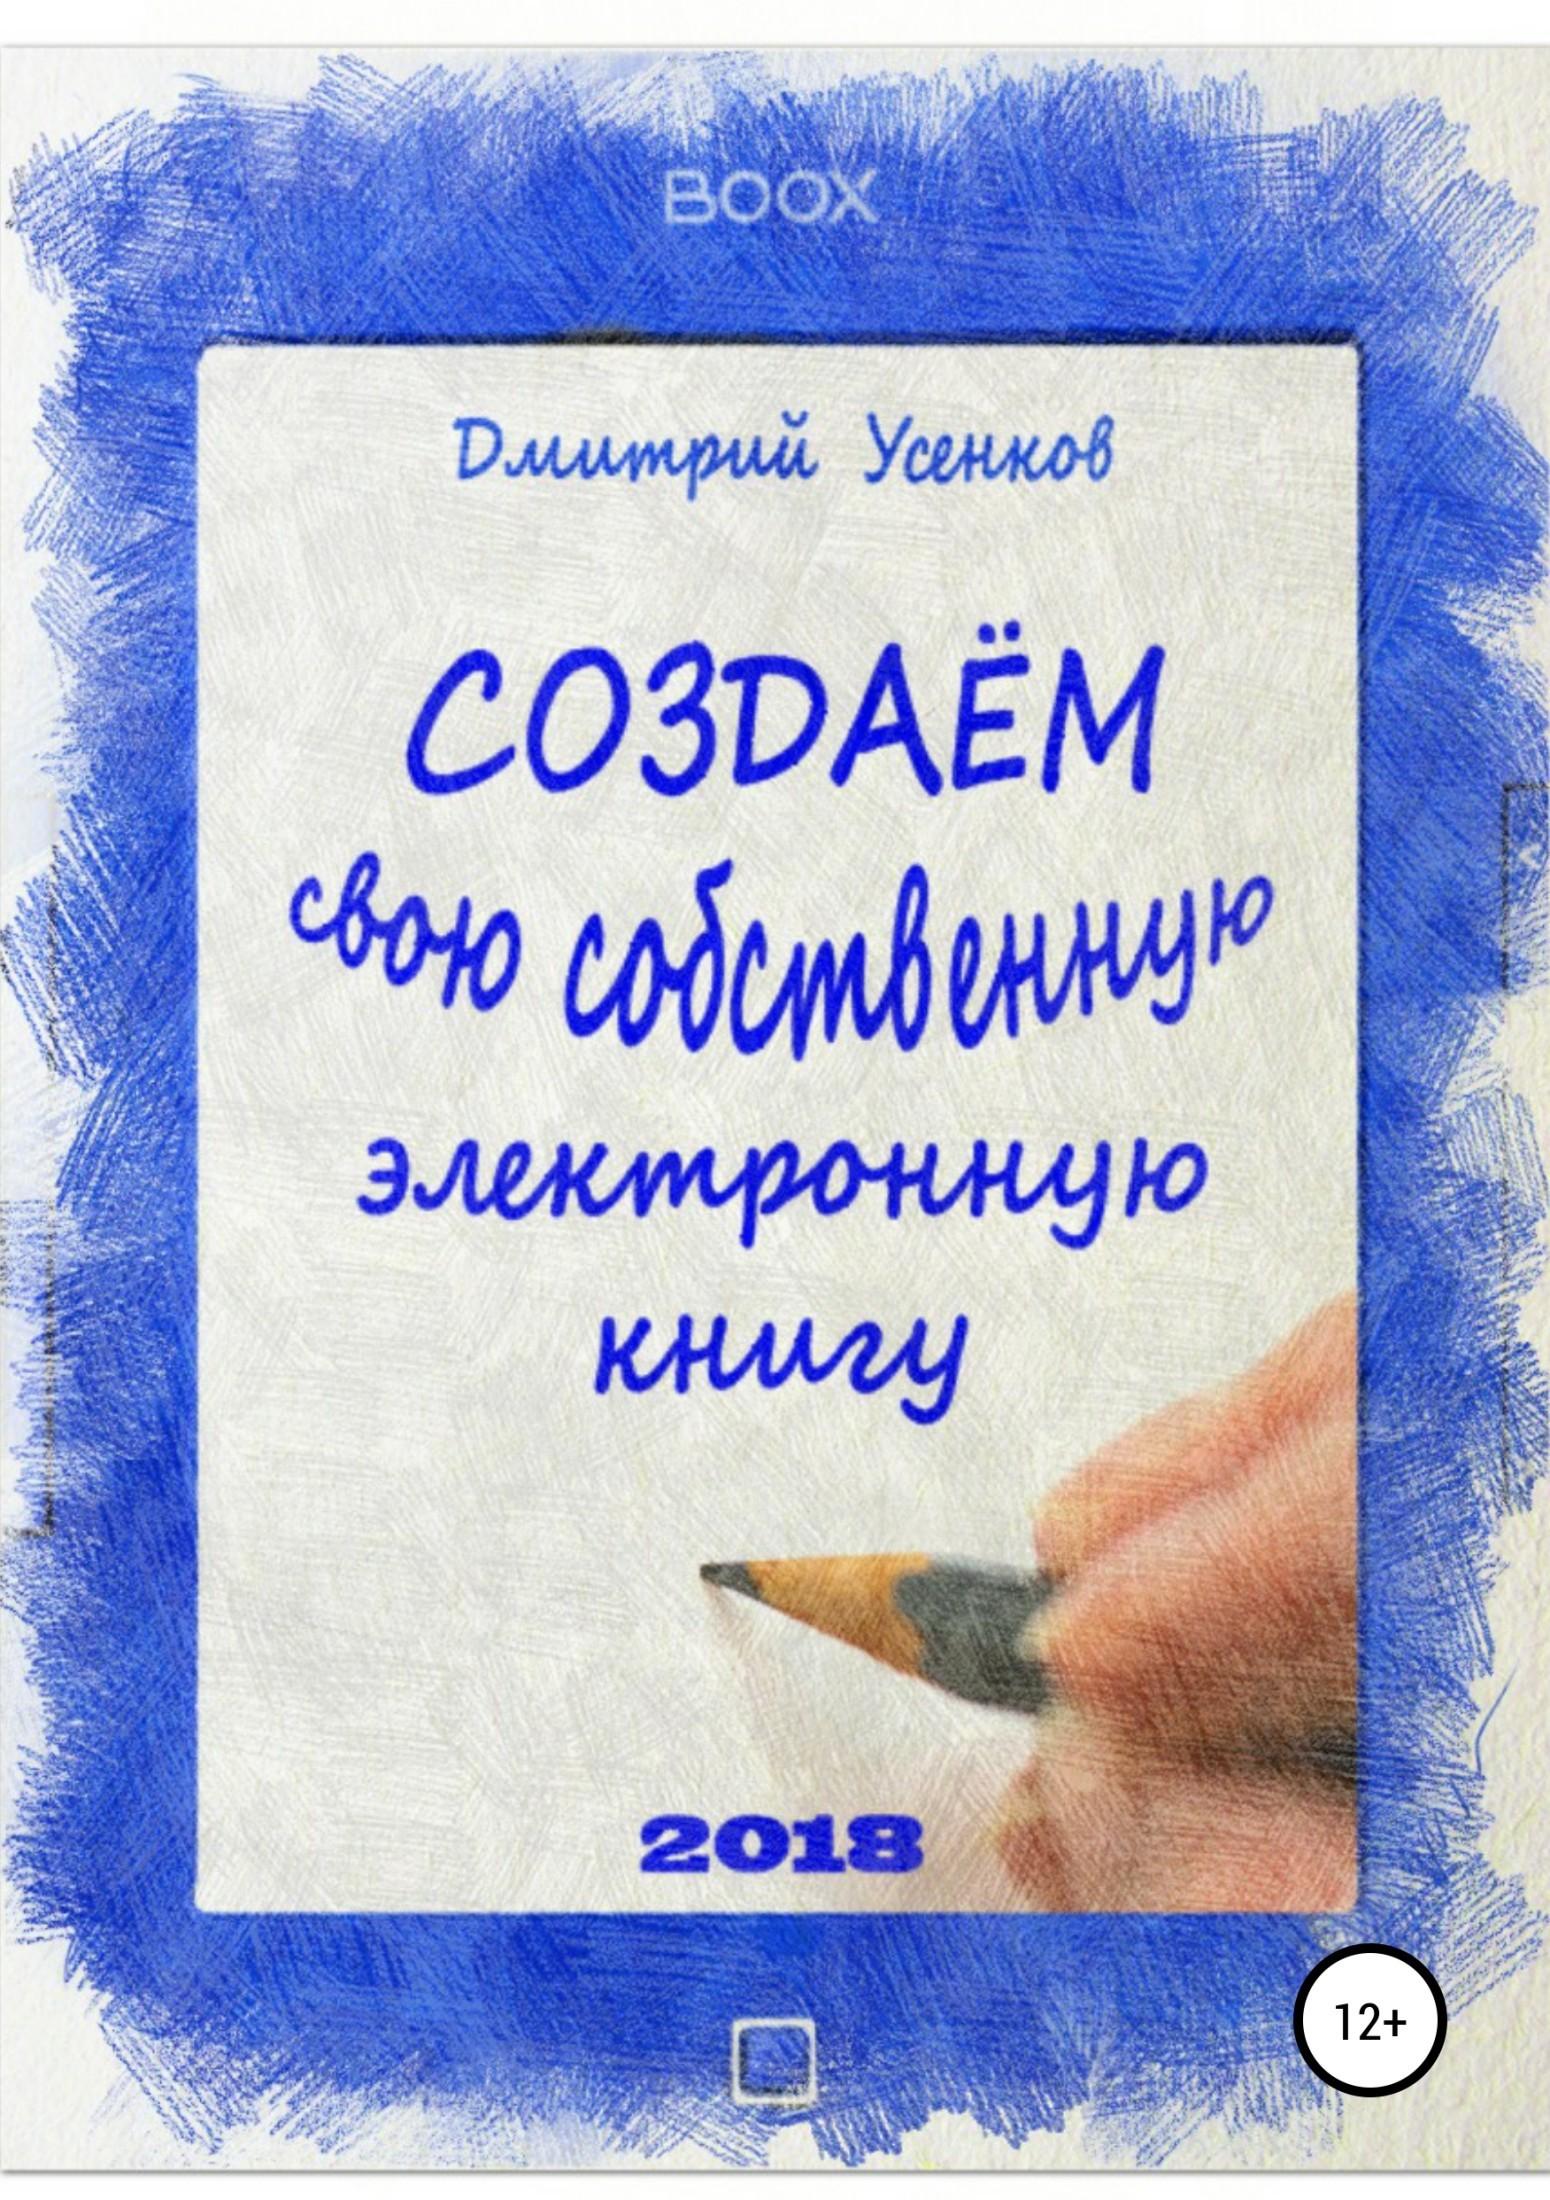 Дмитрий Юрьевич Усенков Создаём свою собственную электронную книгу